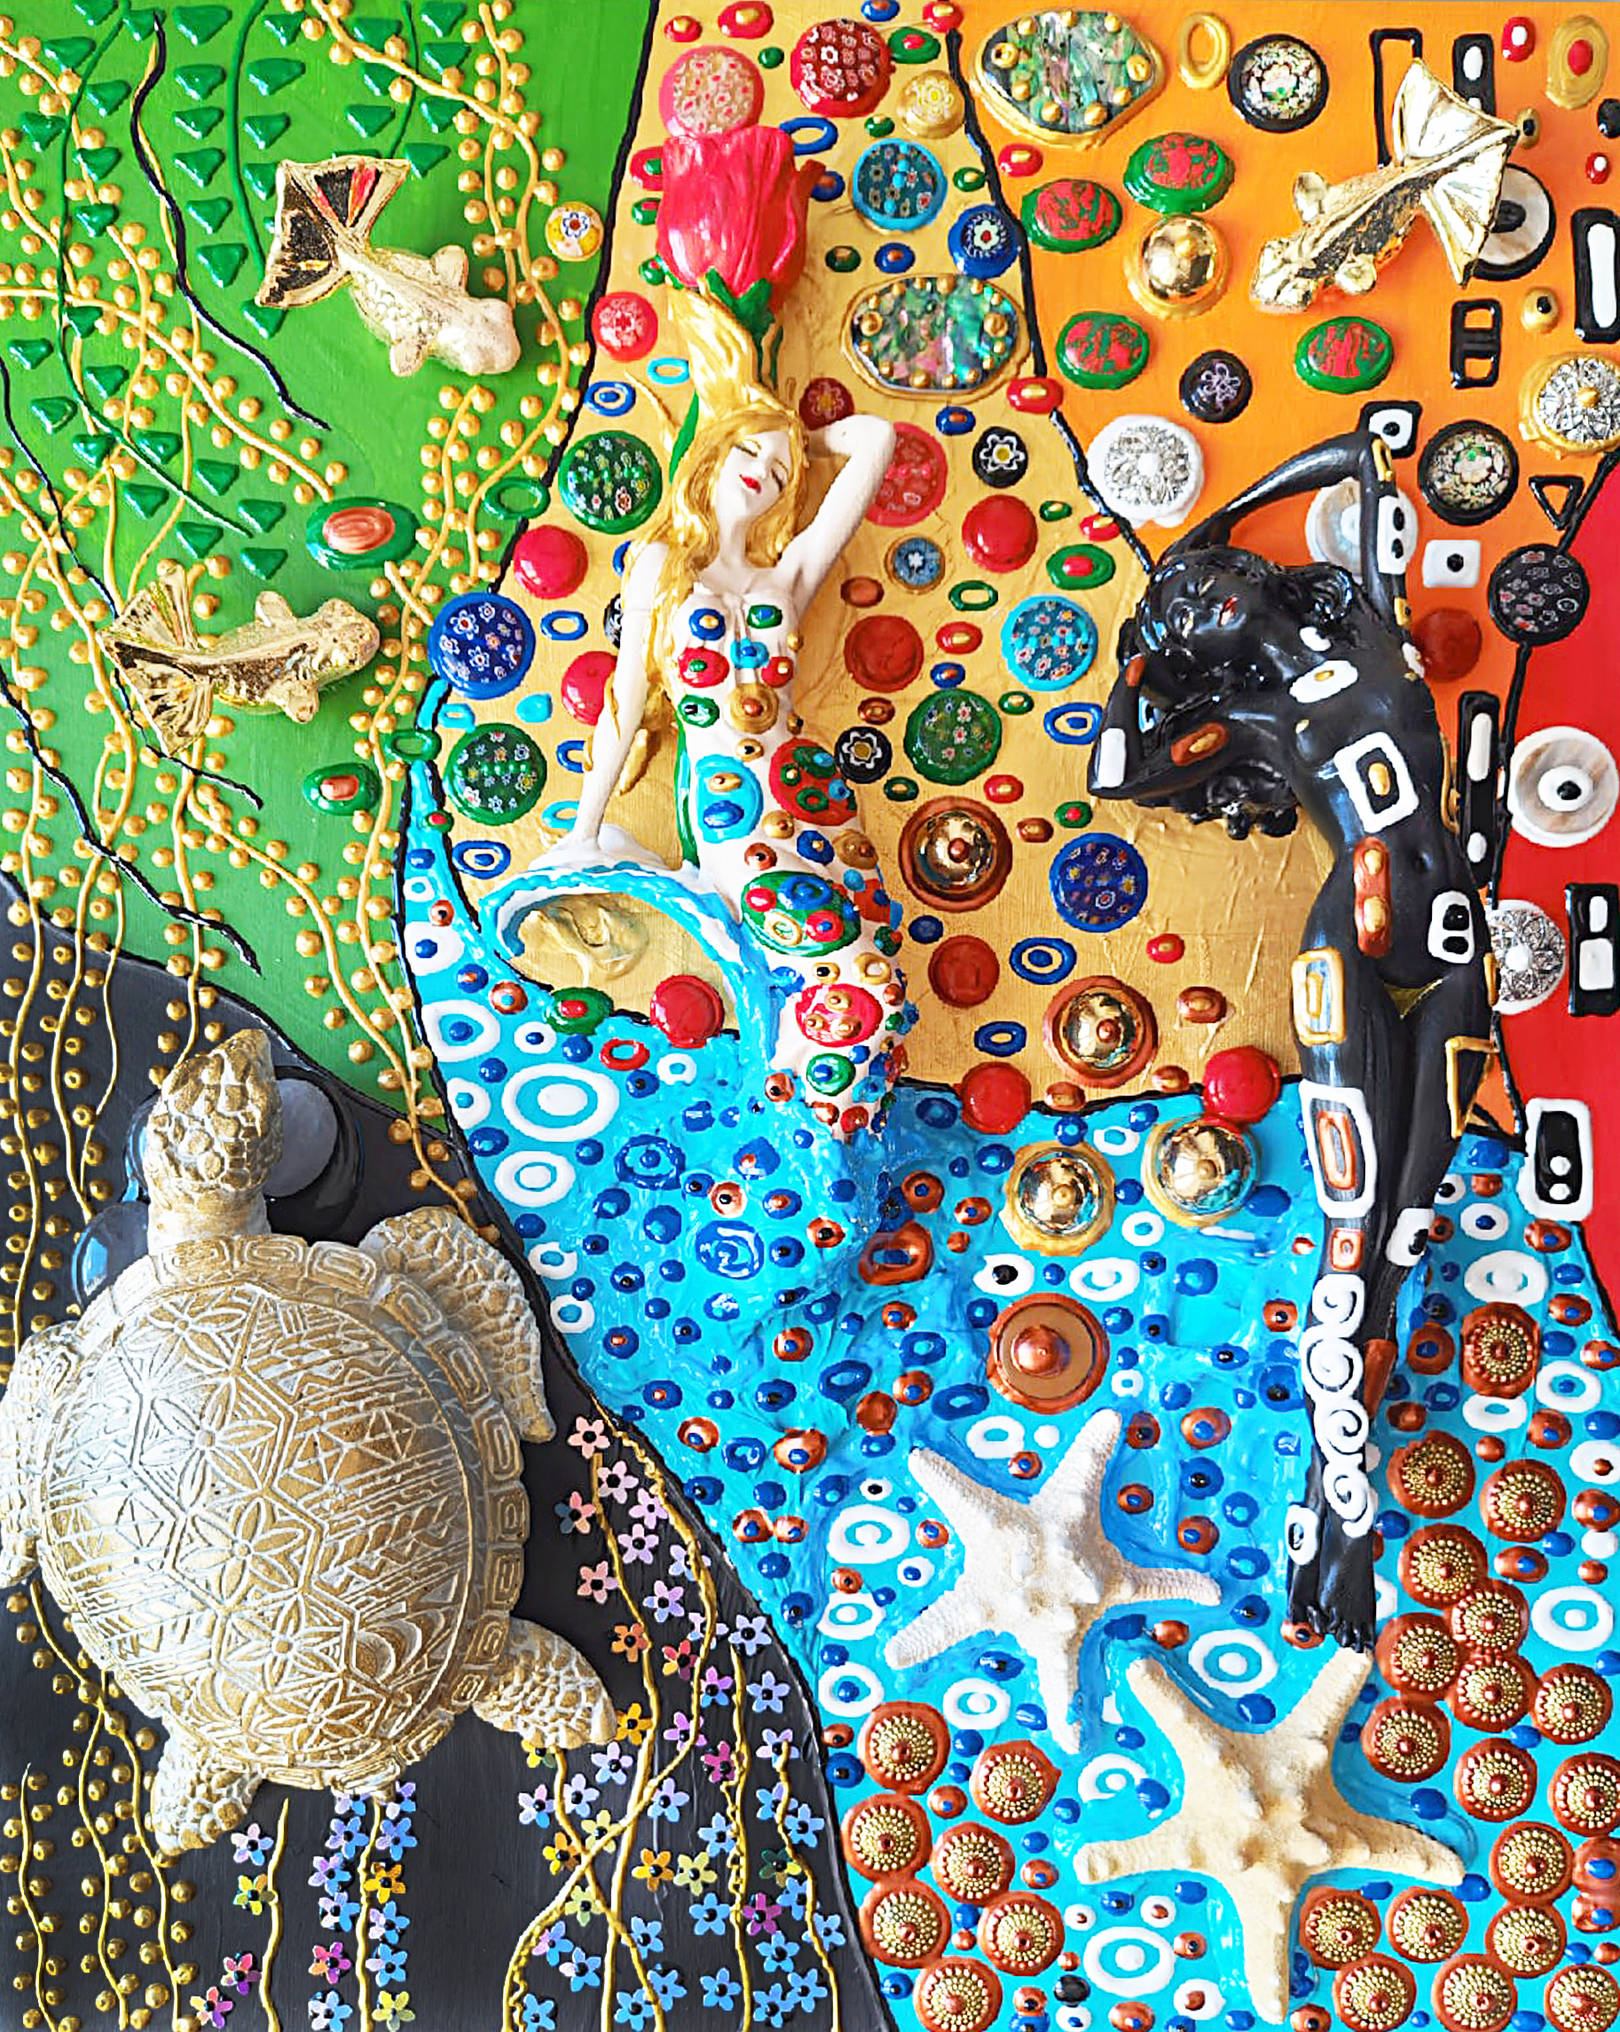 Акрил, деревянная панель, Муранское стекло, красный коралл, варисцит, розовый кварц, галиотис, фарфор, гипс, пластик, металл, декоративные элементы, текстура